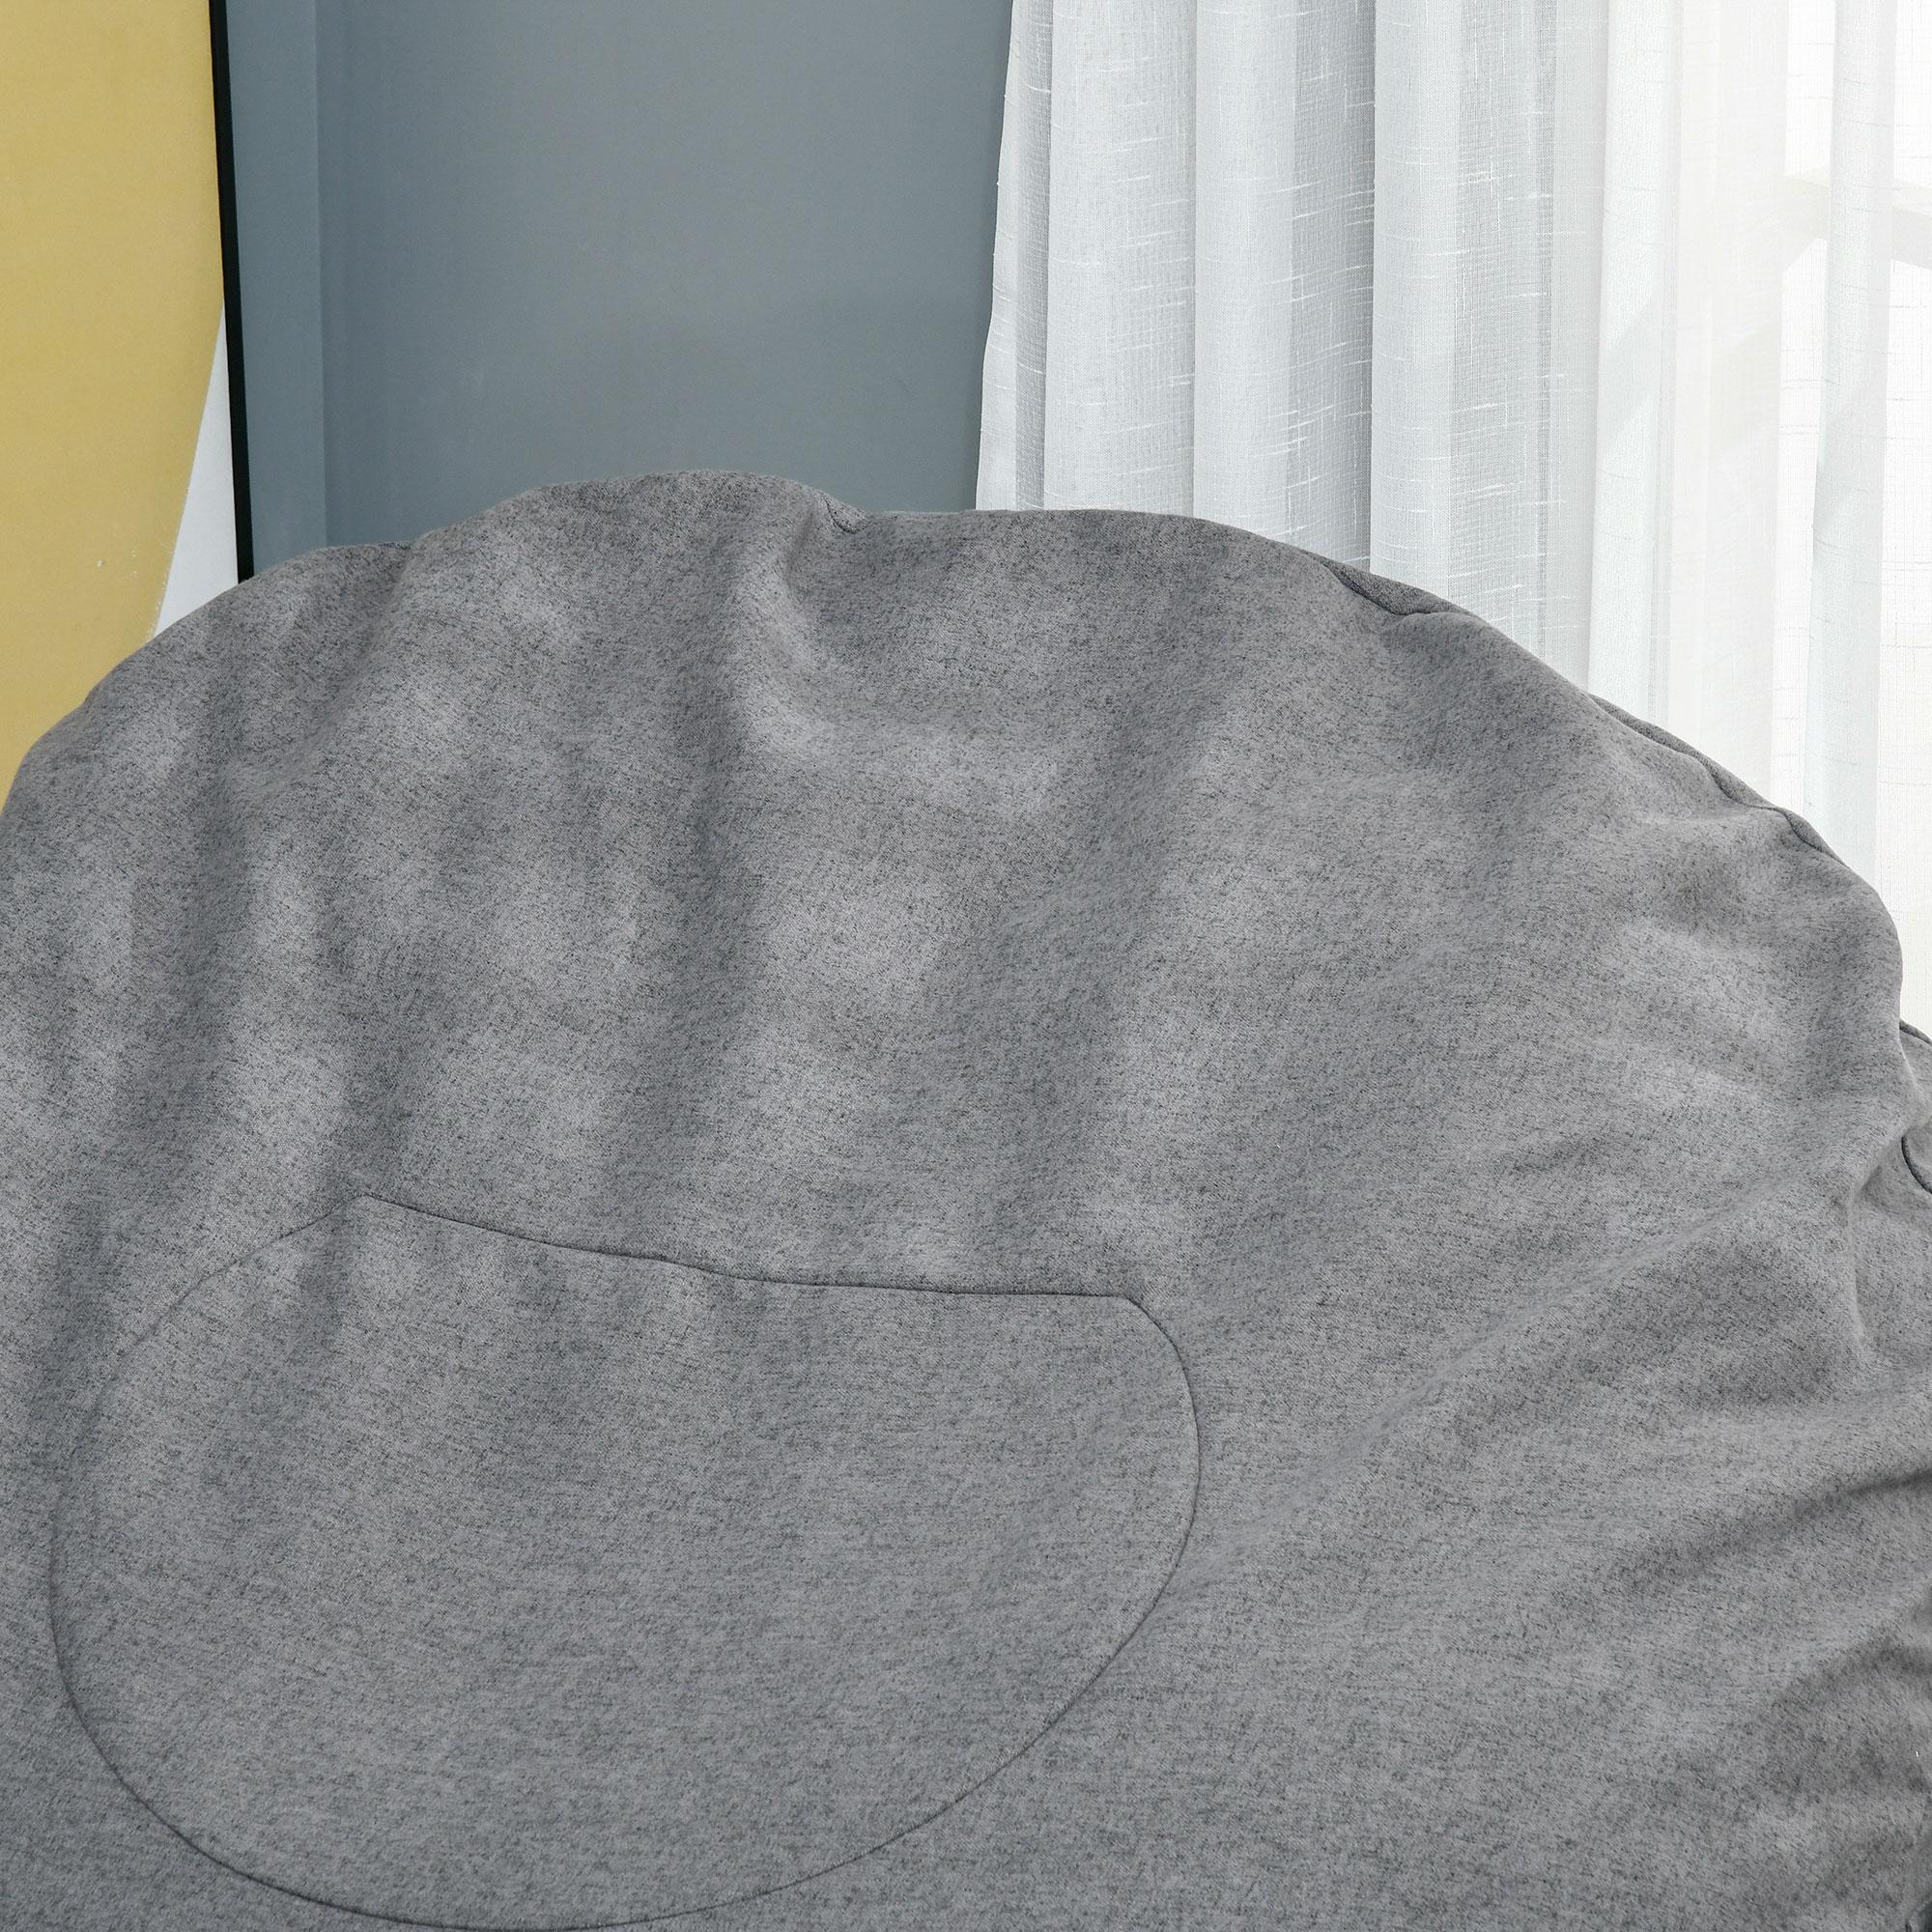 Indexbild 13 - Sitzsack Sitzkissen gepolstert Polyester Schaumstoff 3 Farben